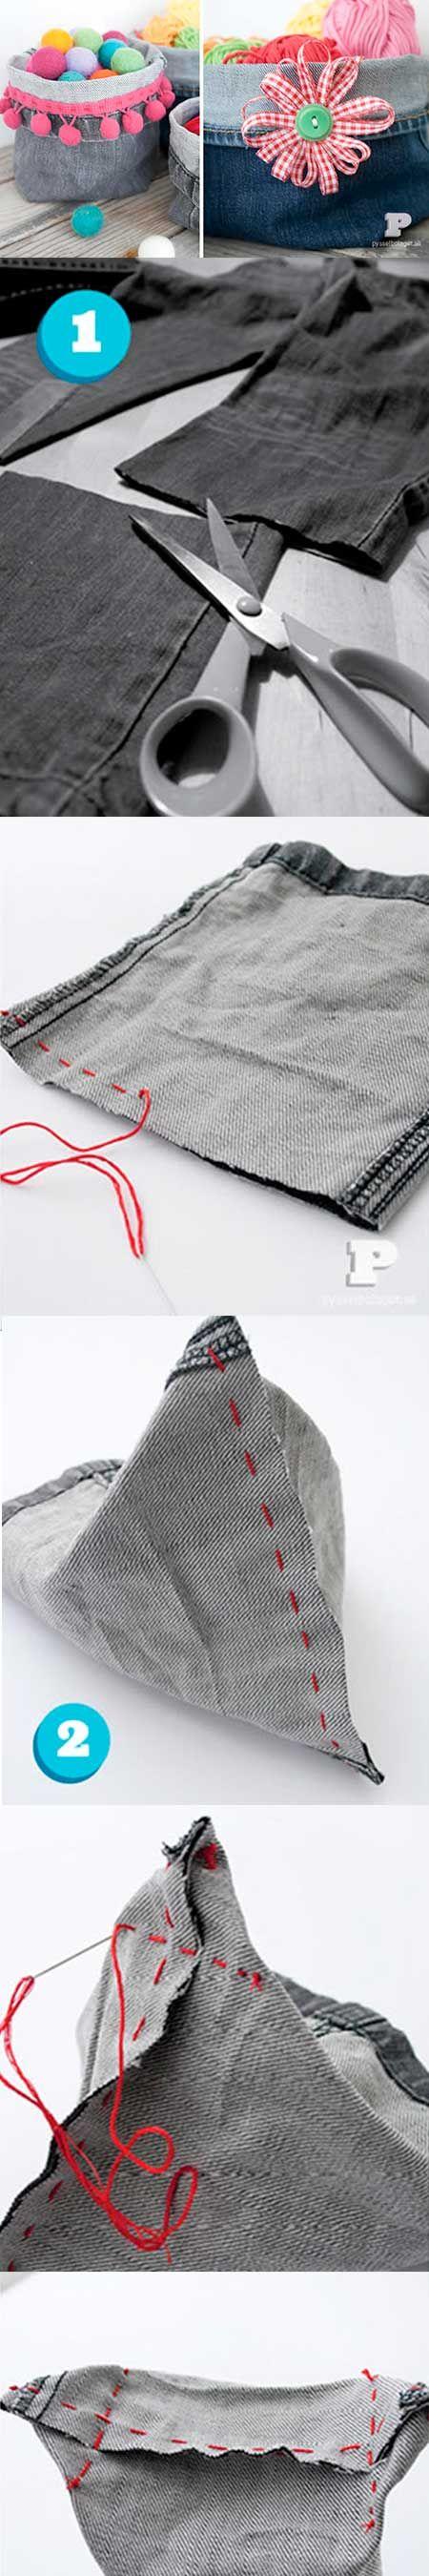 Arte em tecido                                                                                                                                                                                 Mais